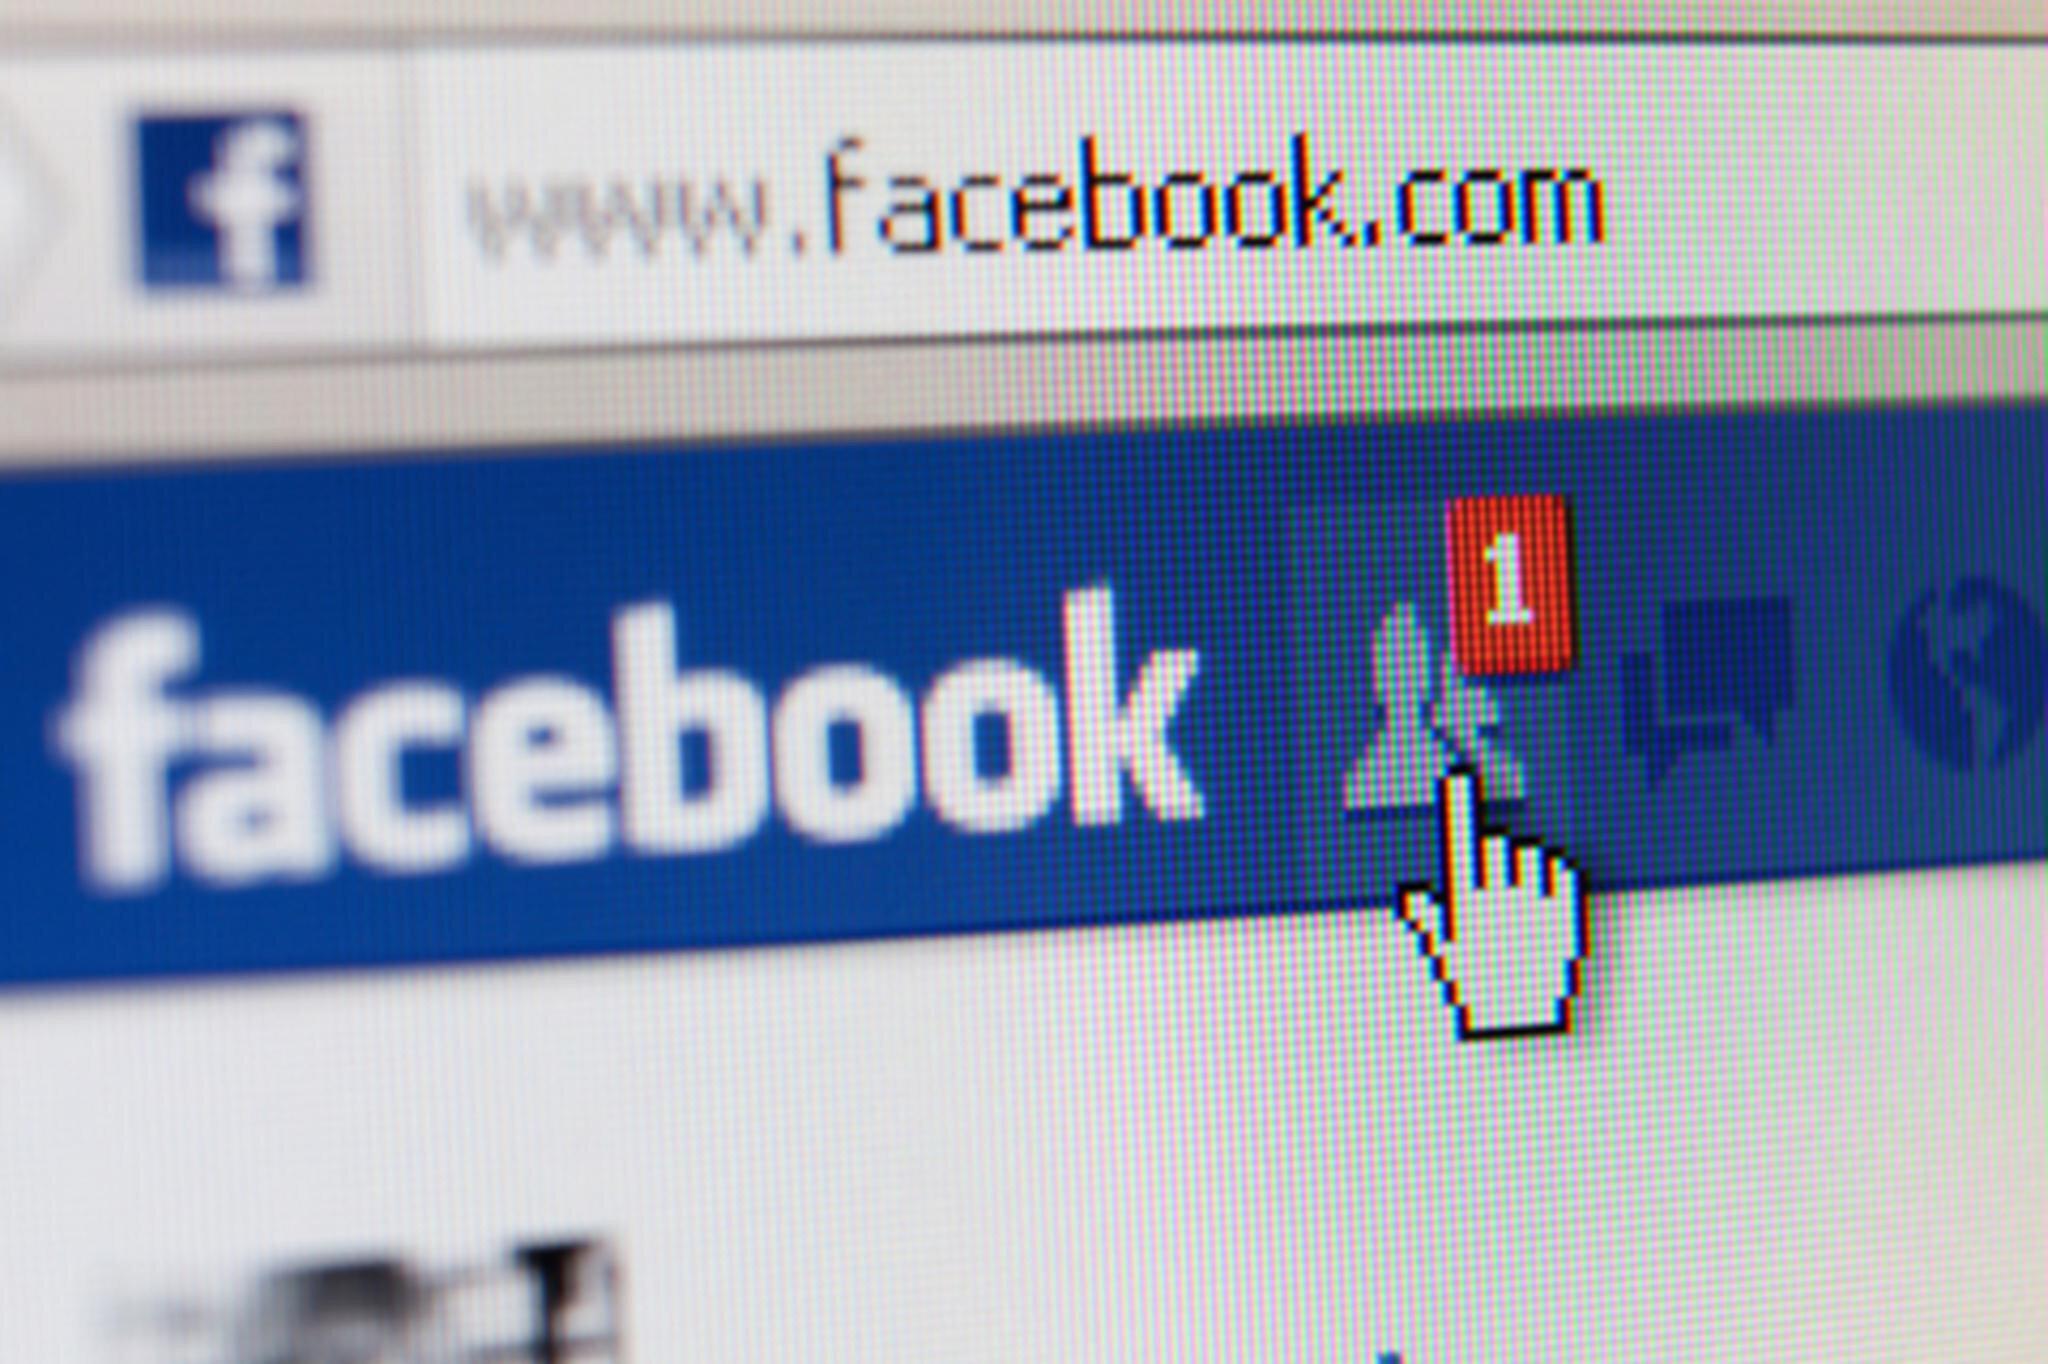 Bu fotoğraf hakkında bir şeyler yazFacebook'un kullanıcı verileri izinsiz biçimde farklı odaklara sızdırıldı.